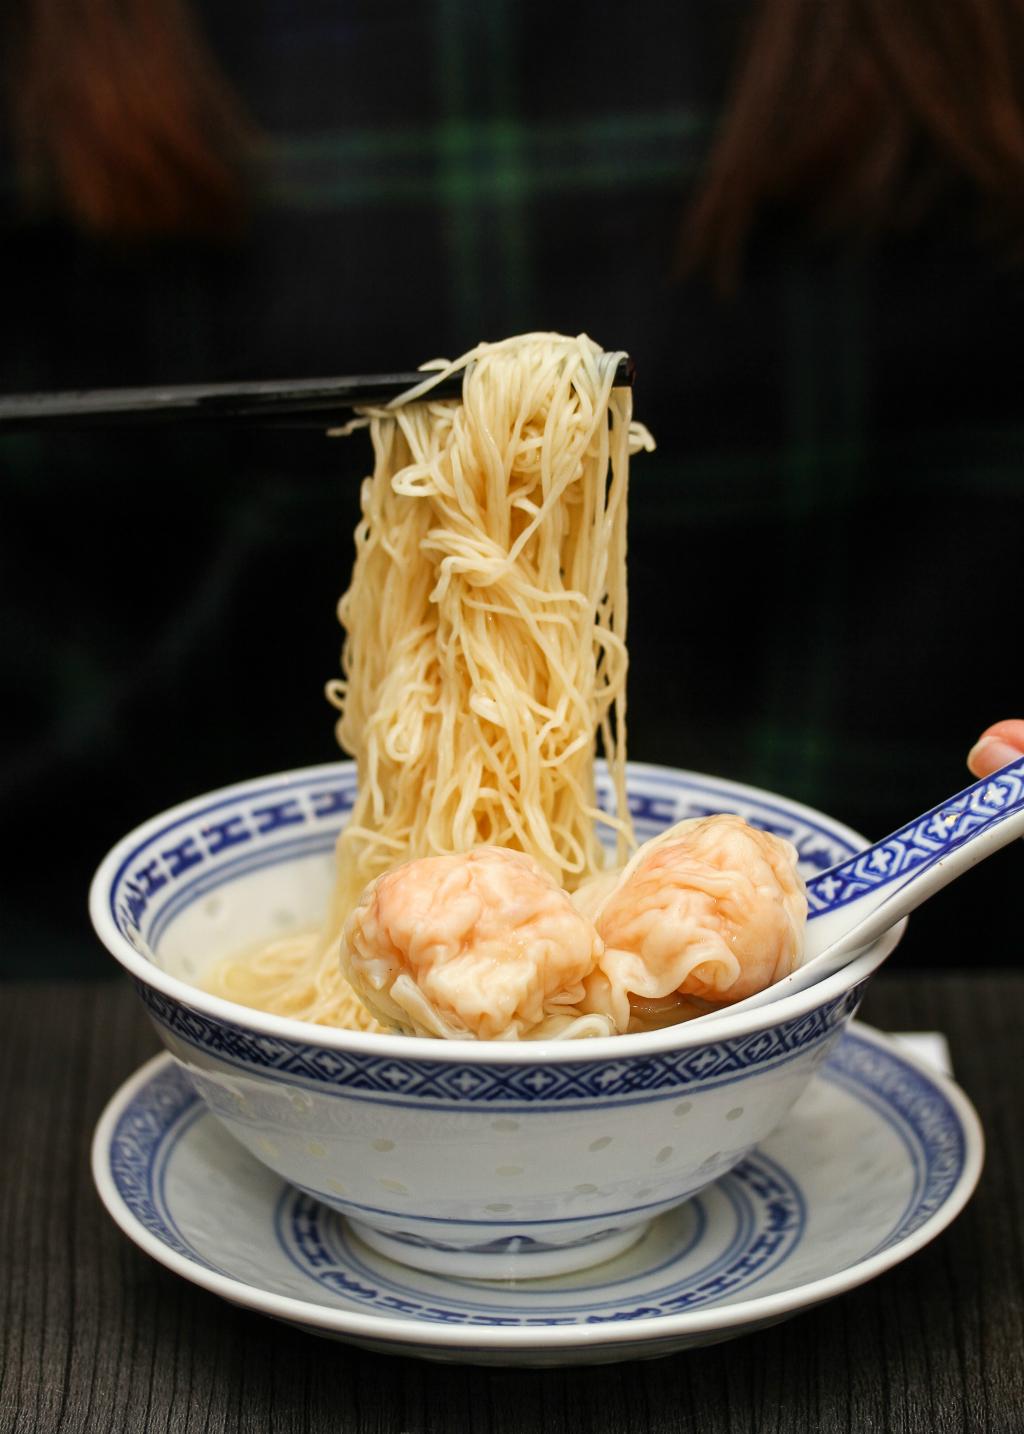 麦氏面:万通面汤